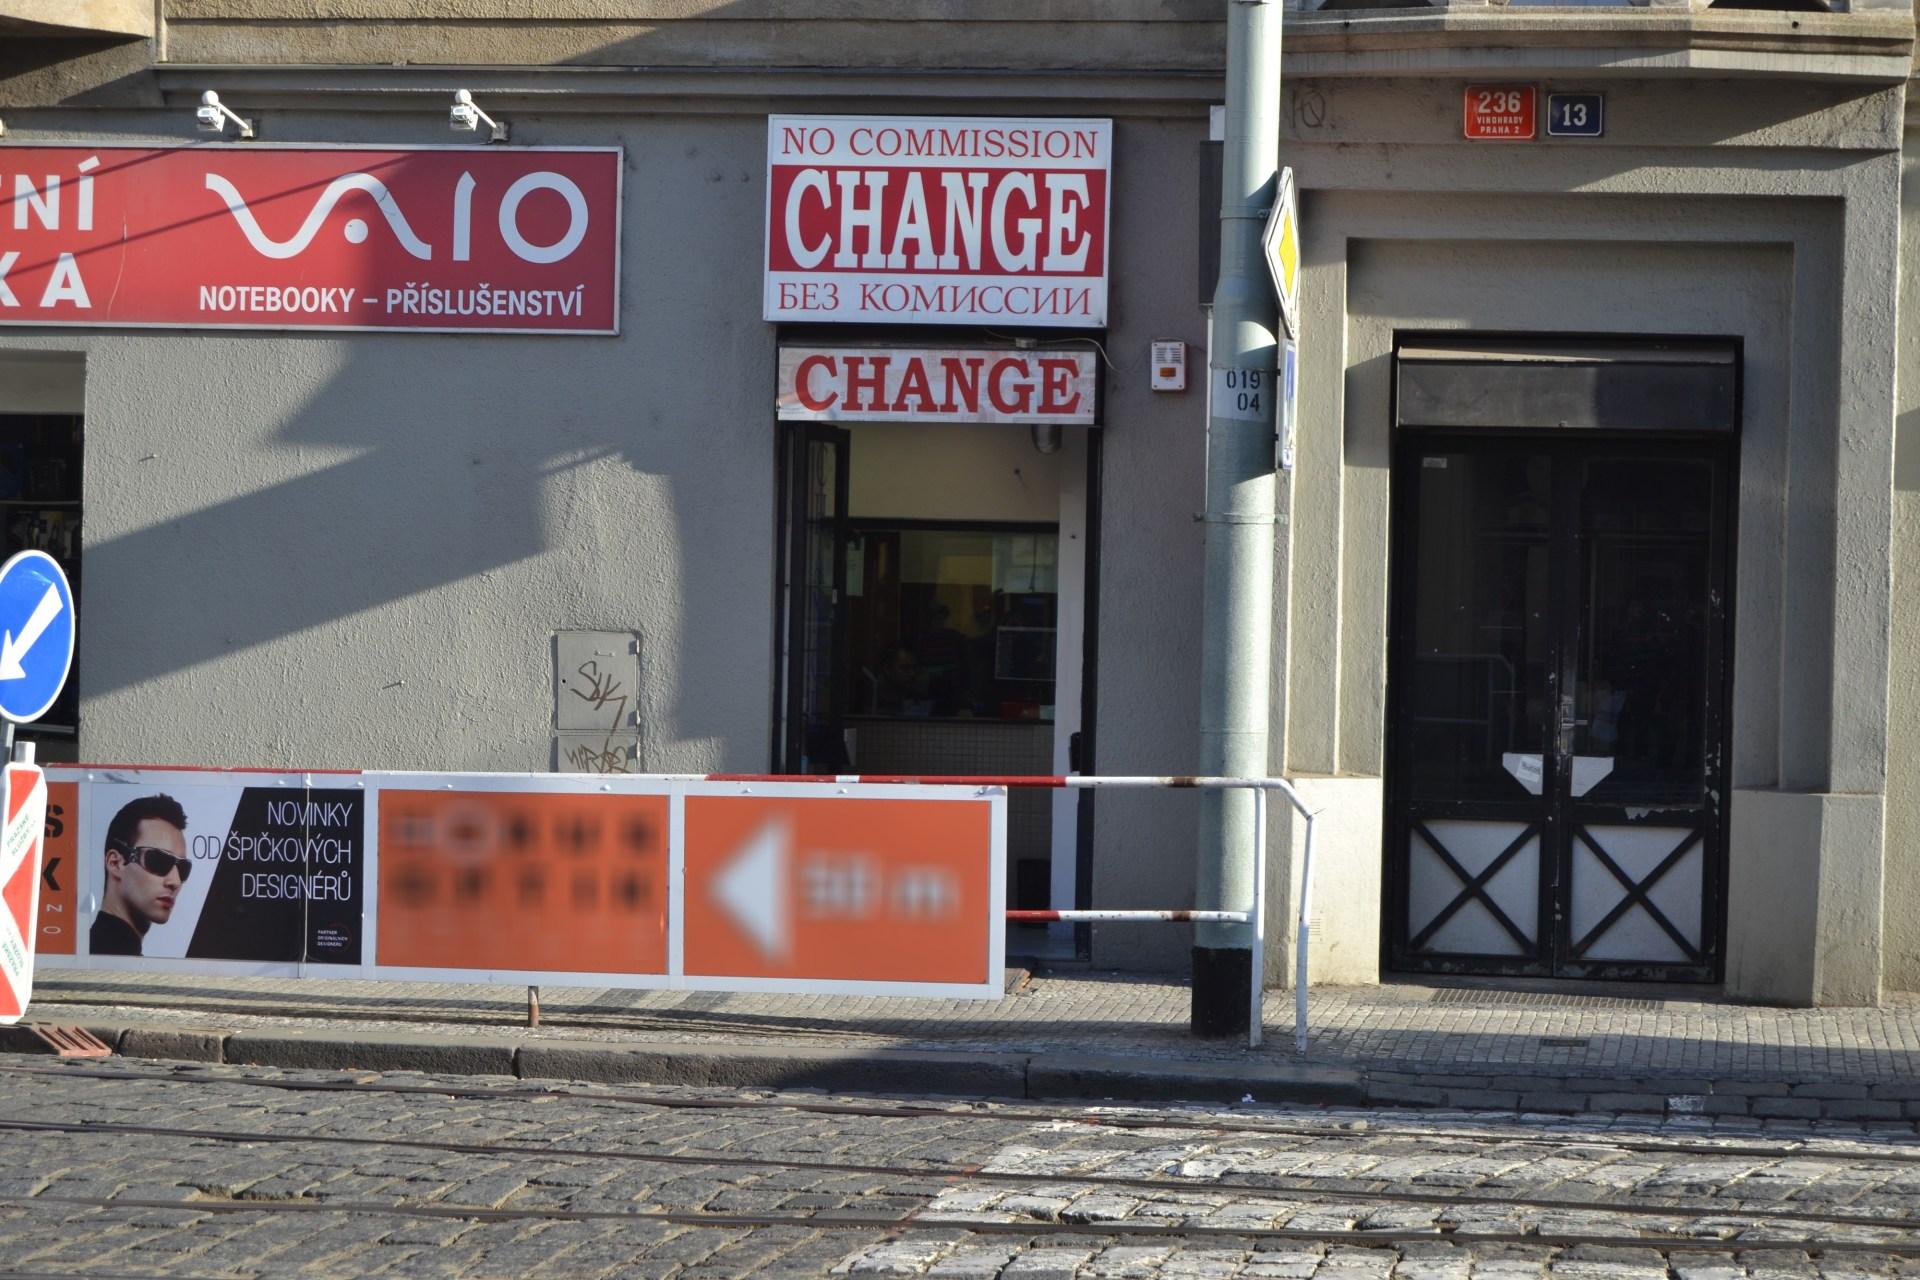 Směnárna - Change, Jugoslávská 236/13, Praha 2 - Vinohrady